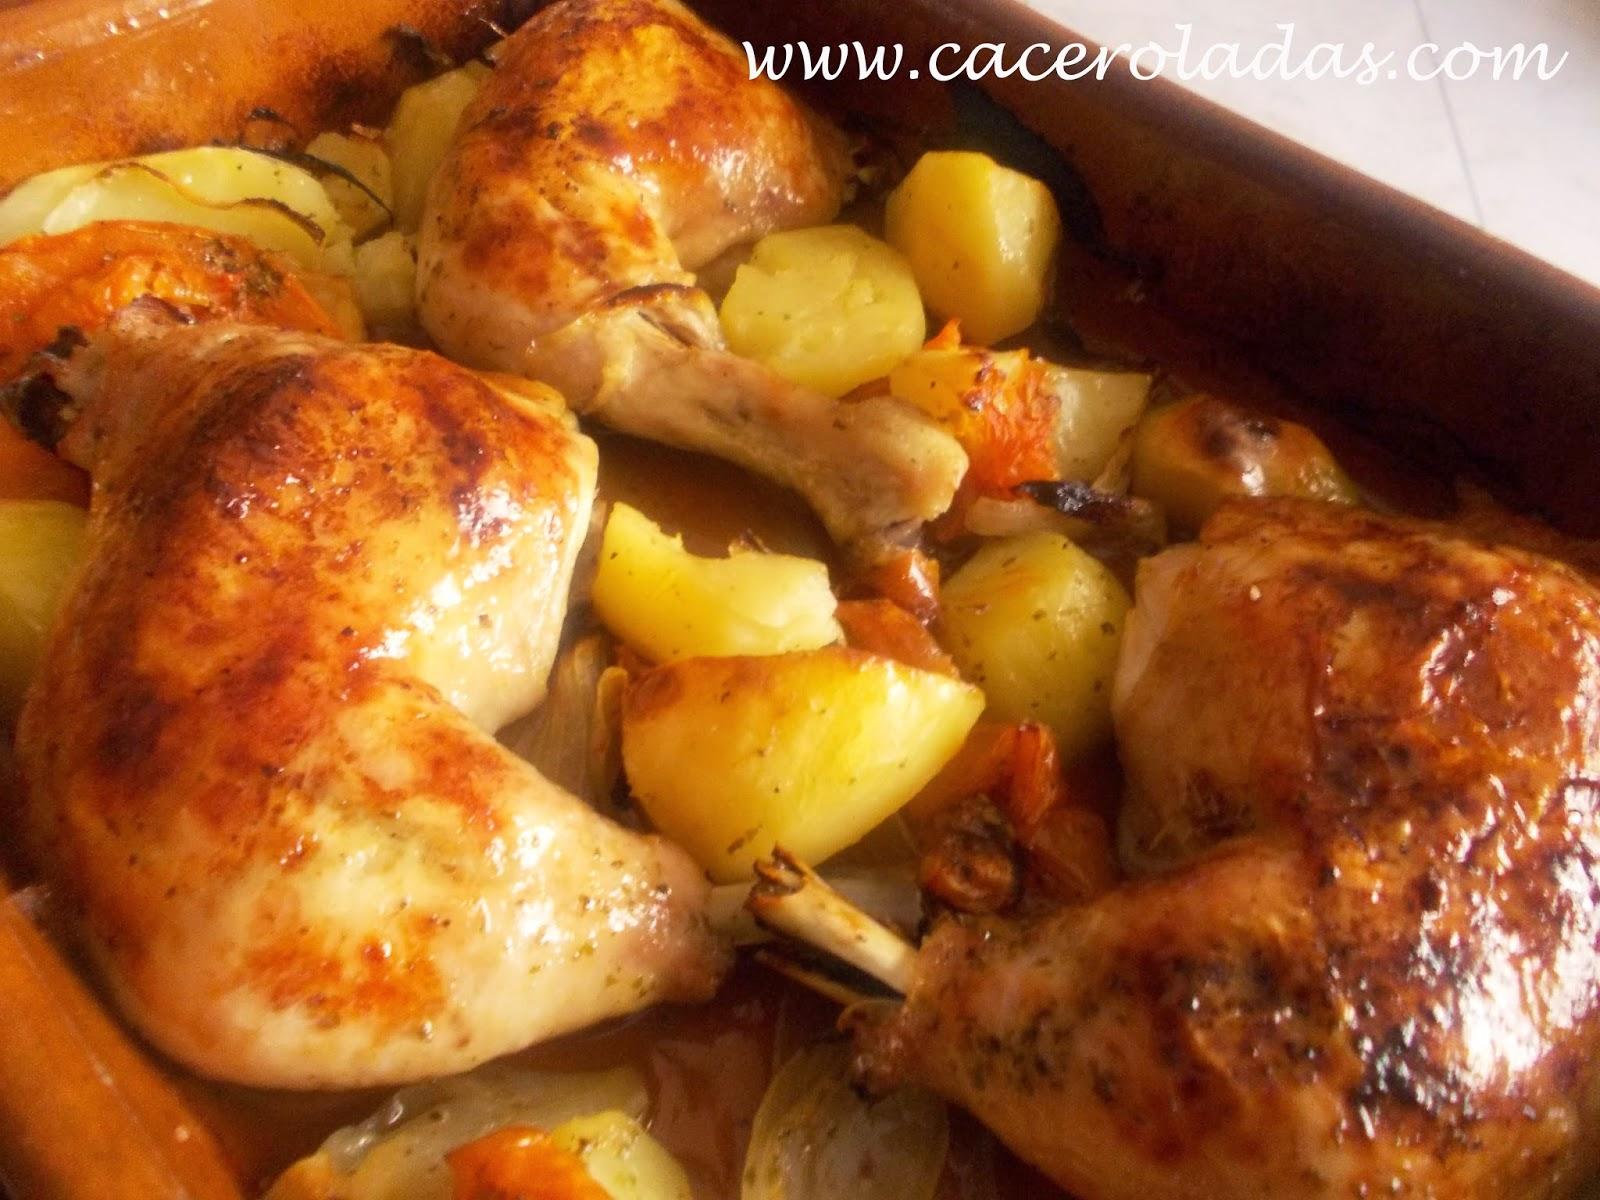 Pollo al horno con patatas, tomates y cebolla. - CACEROLADAS